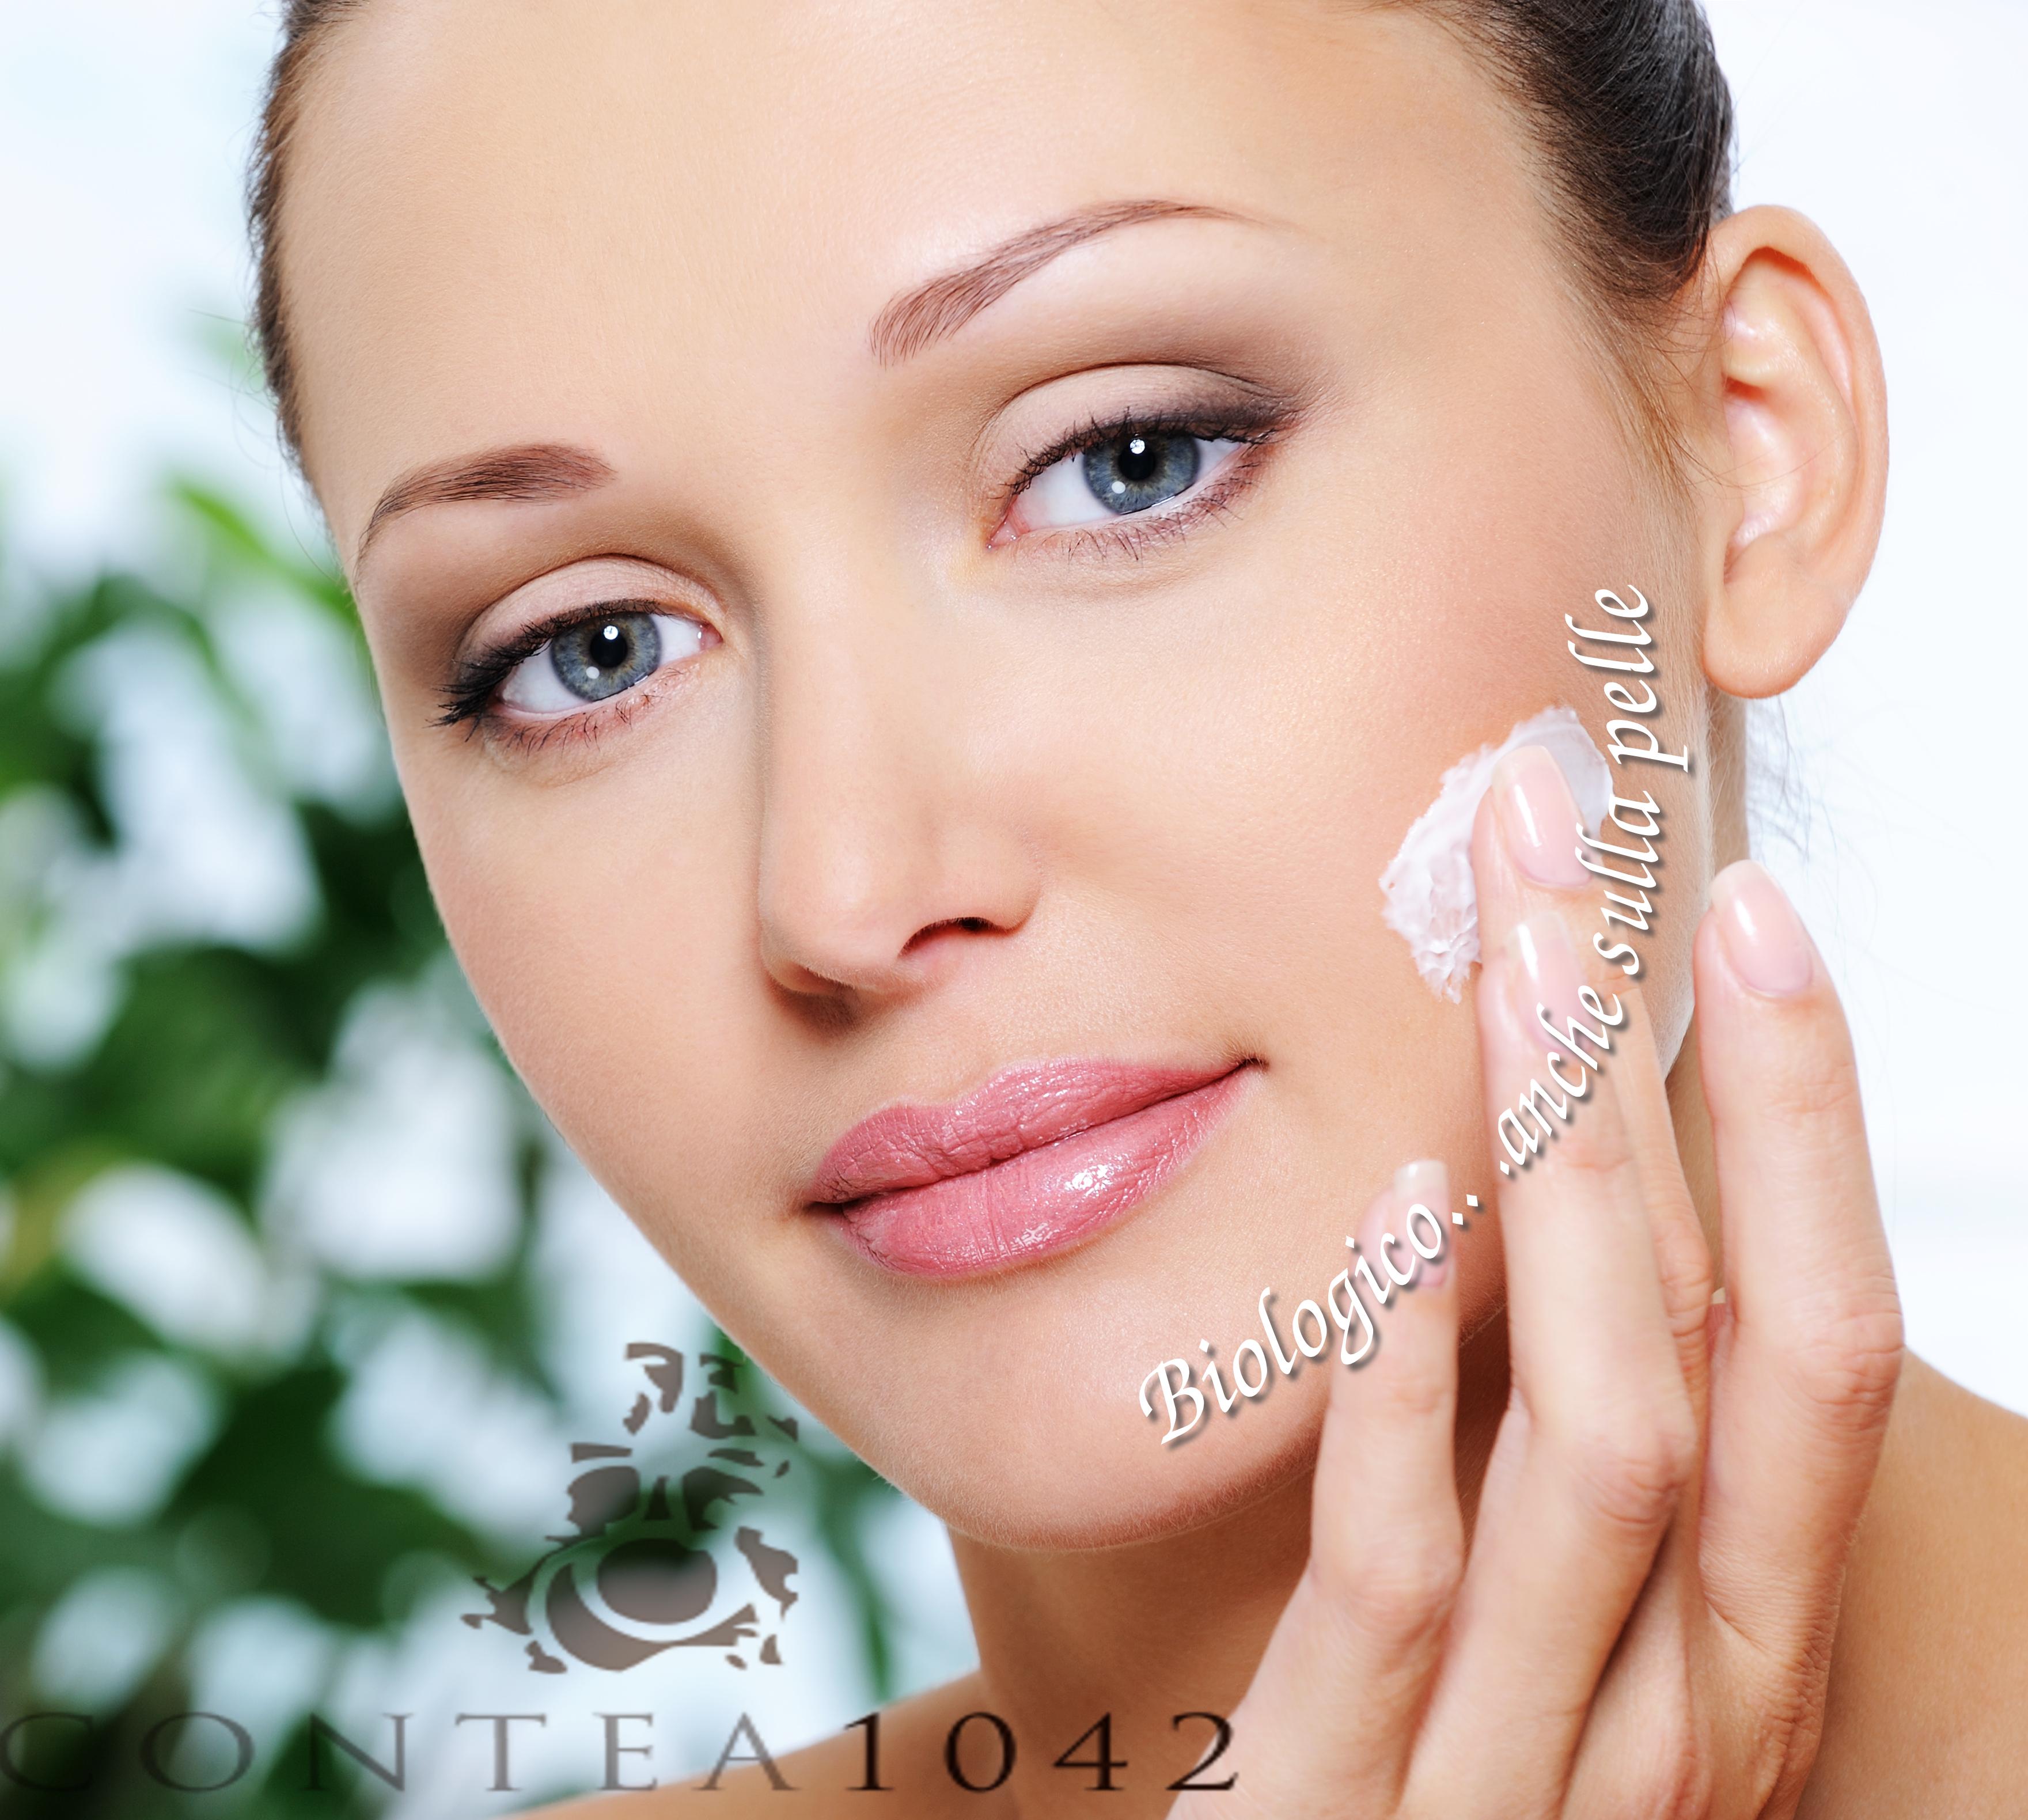 Как правильно пользоваться кремами, масками и другими косметическими средствами.